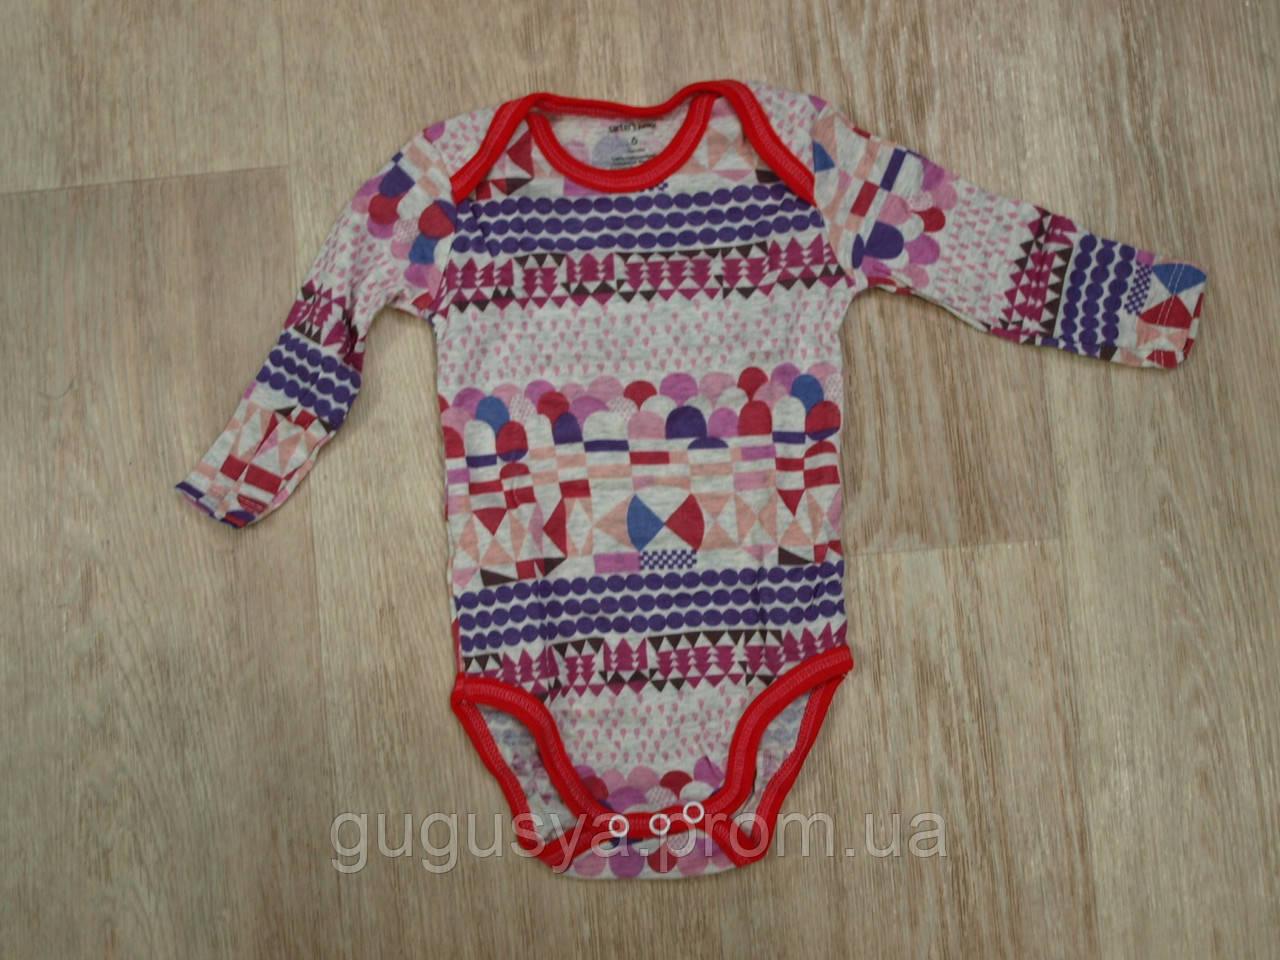 24aad7010aa8 Купить Боди детские для девочек 6 месяцев в Одессе - детский ...